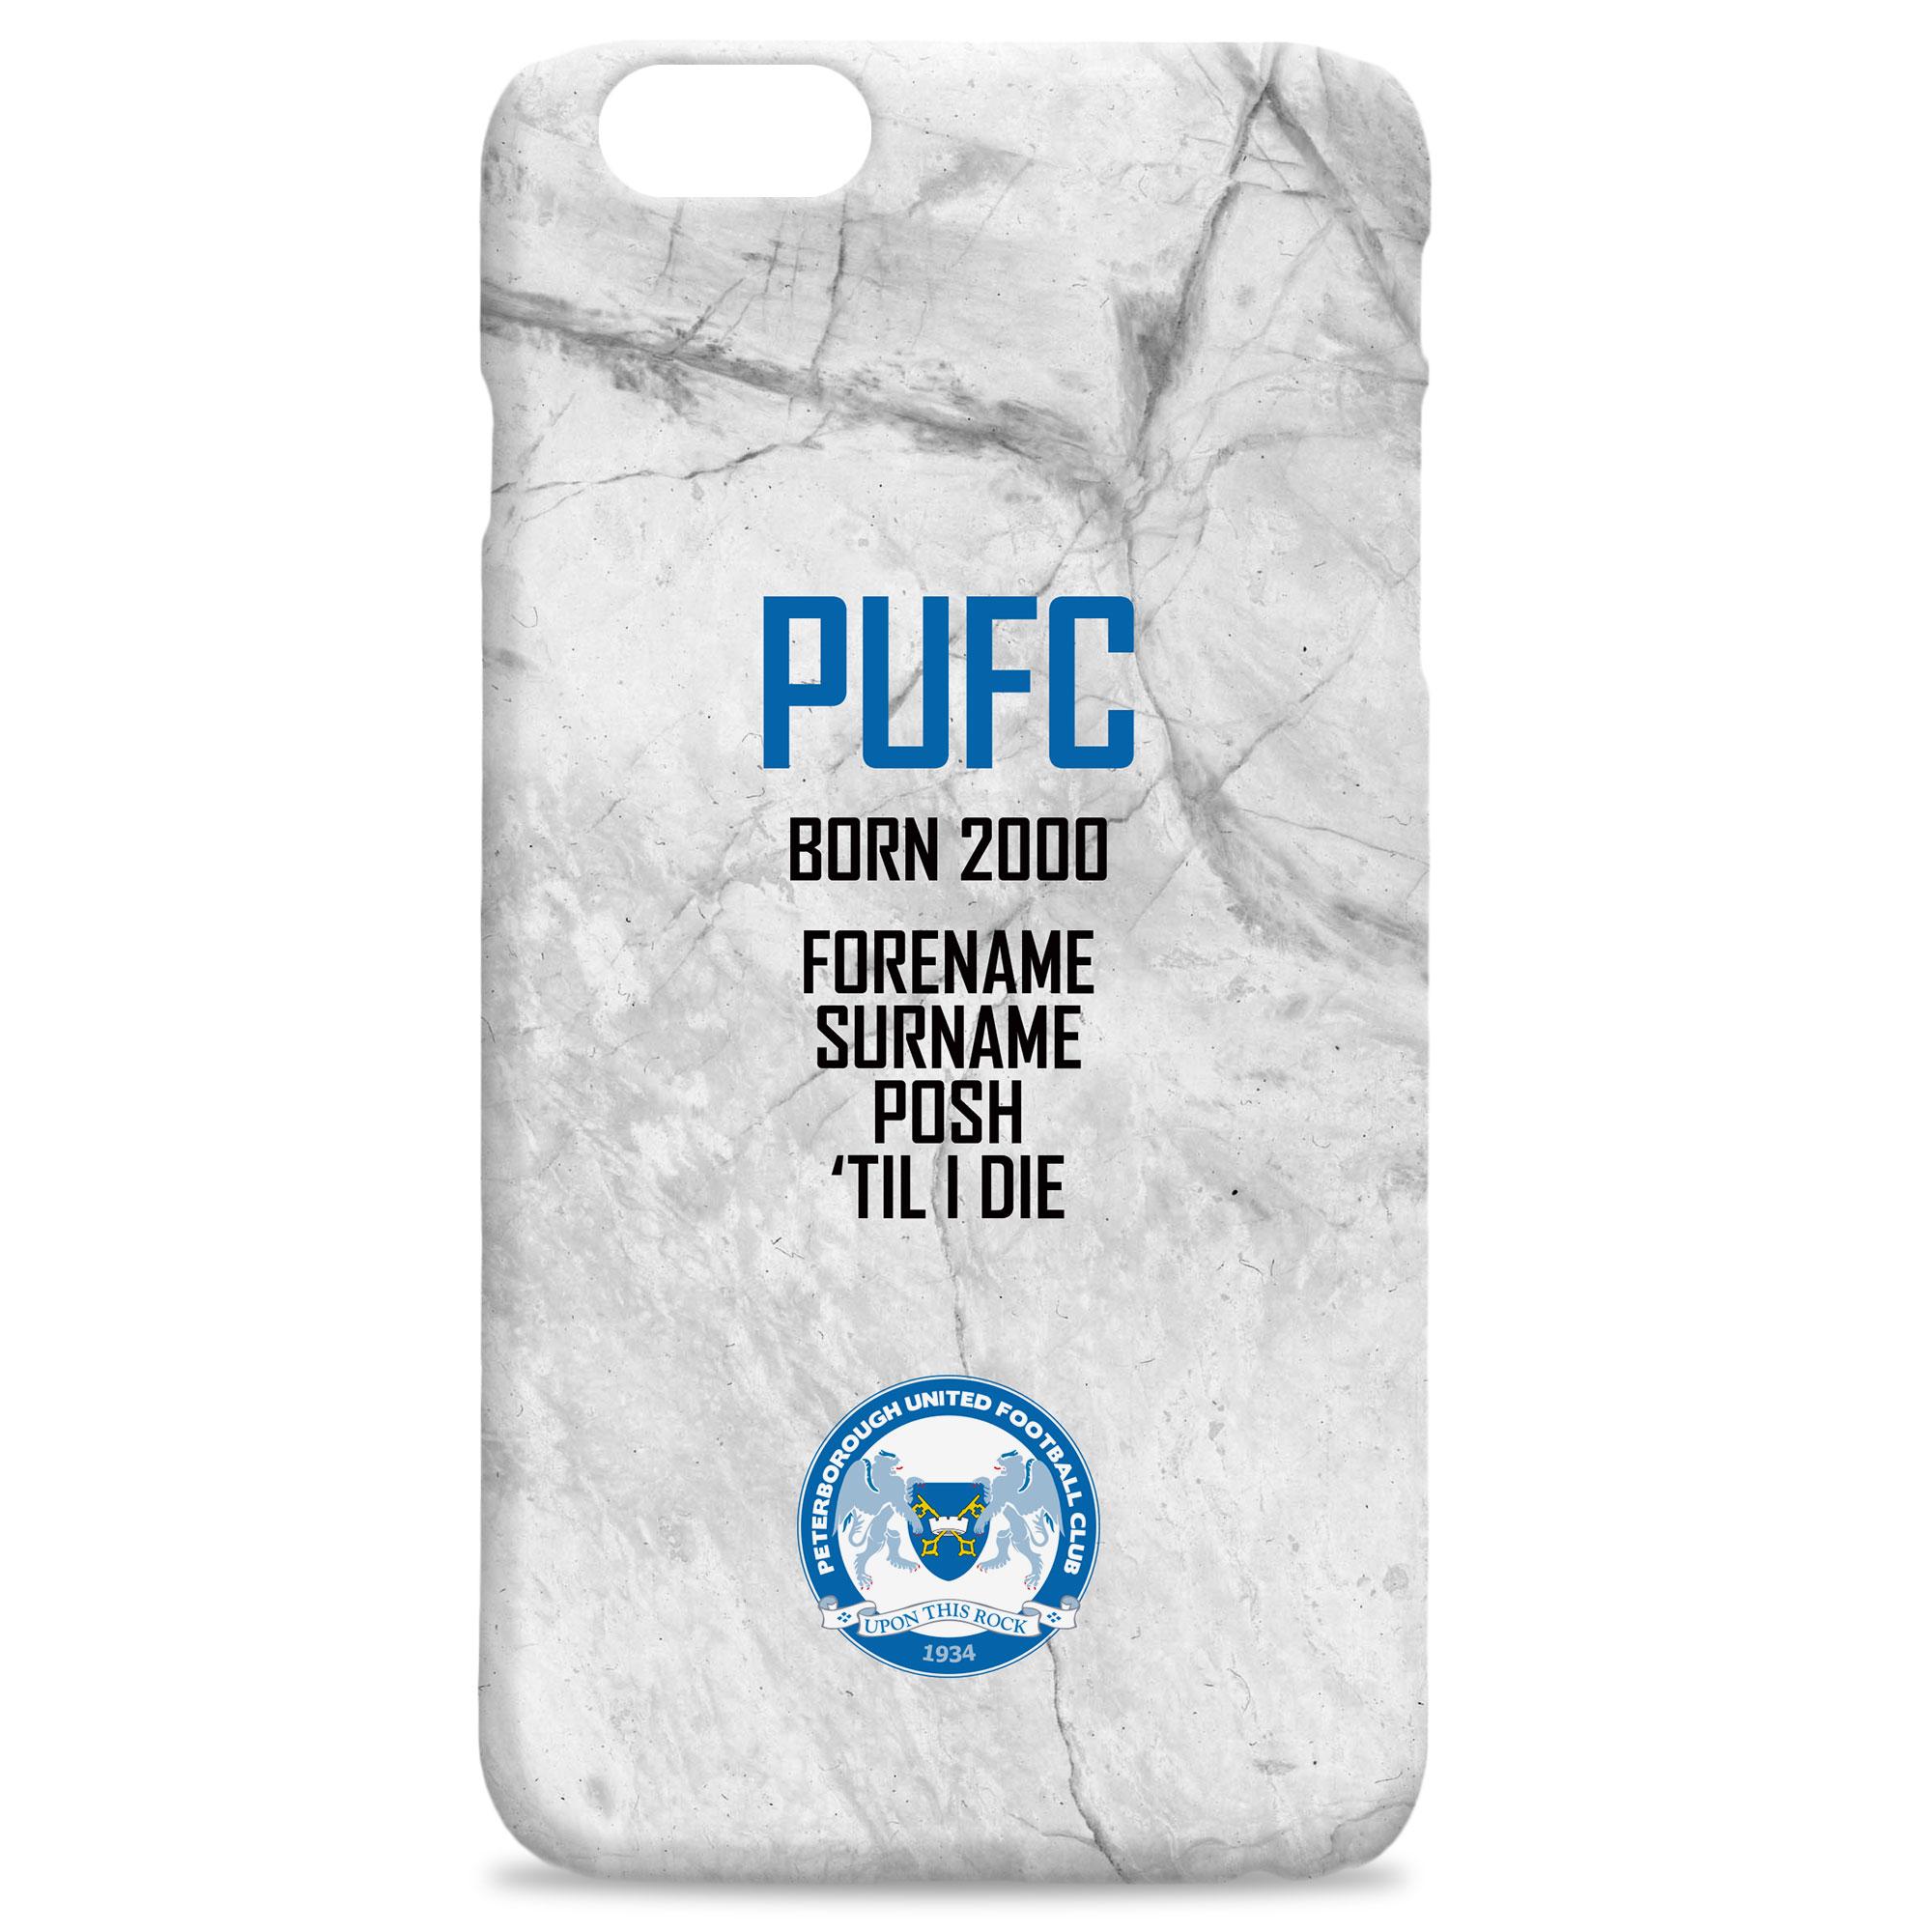 Peterborough United FC 'Til I Die Hard Back Phone Case